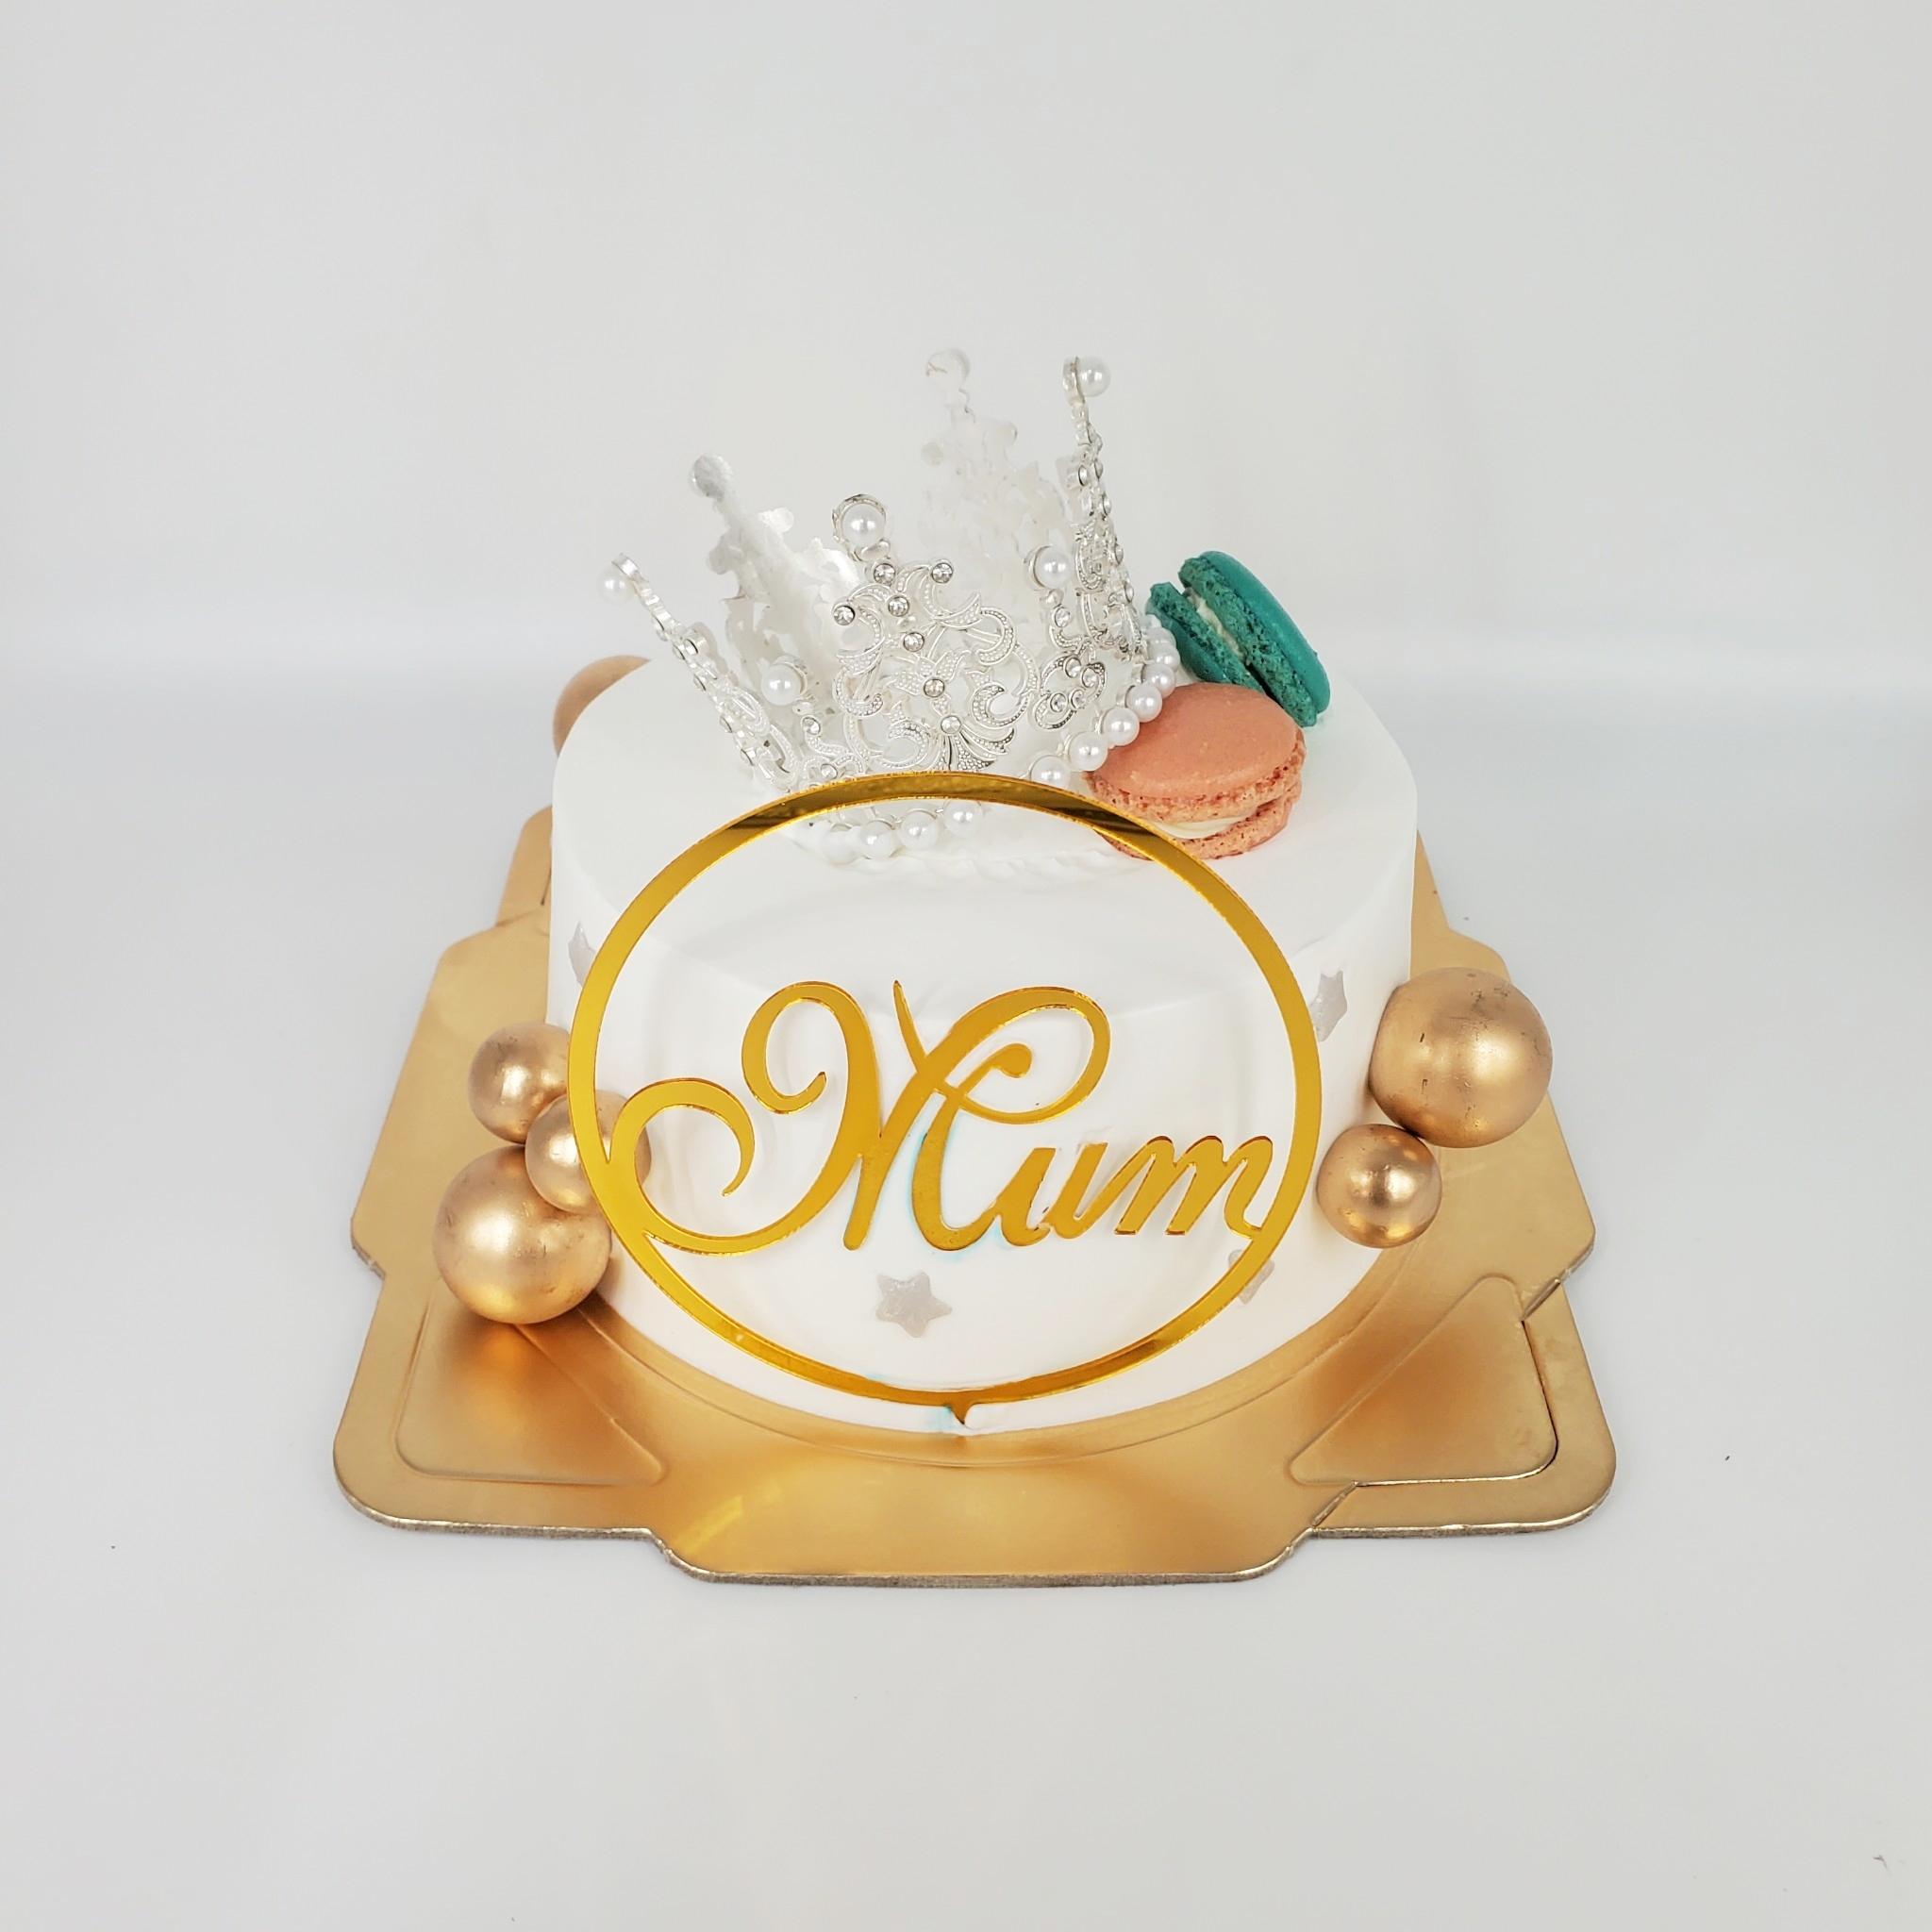 女王皇冠抽錢蛋糕